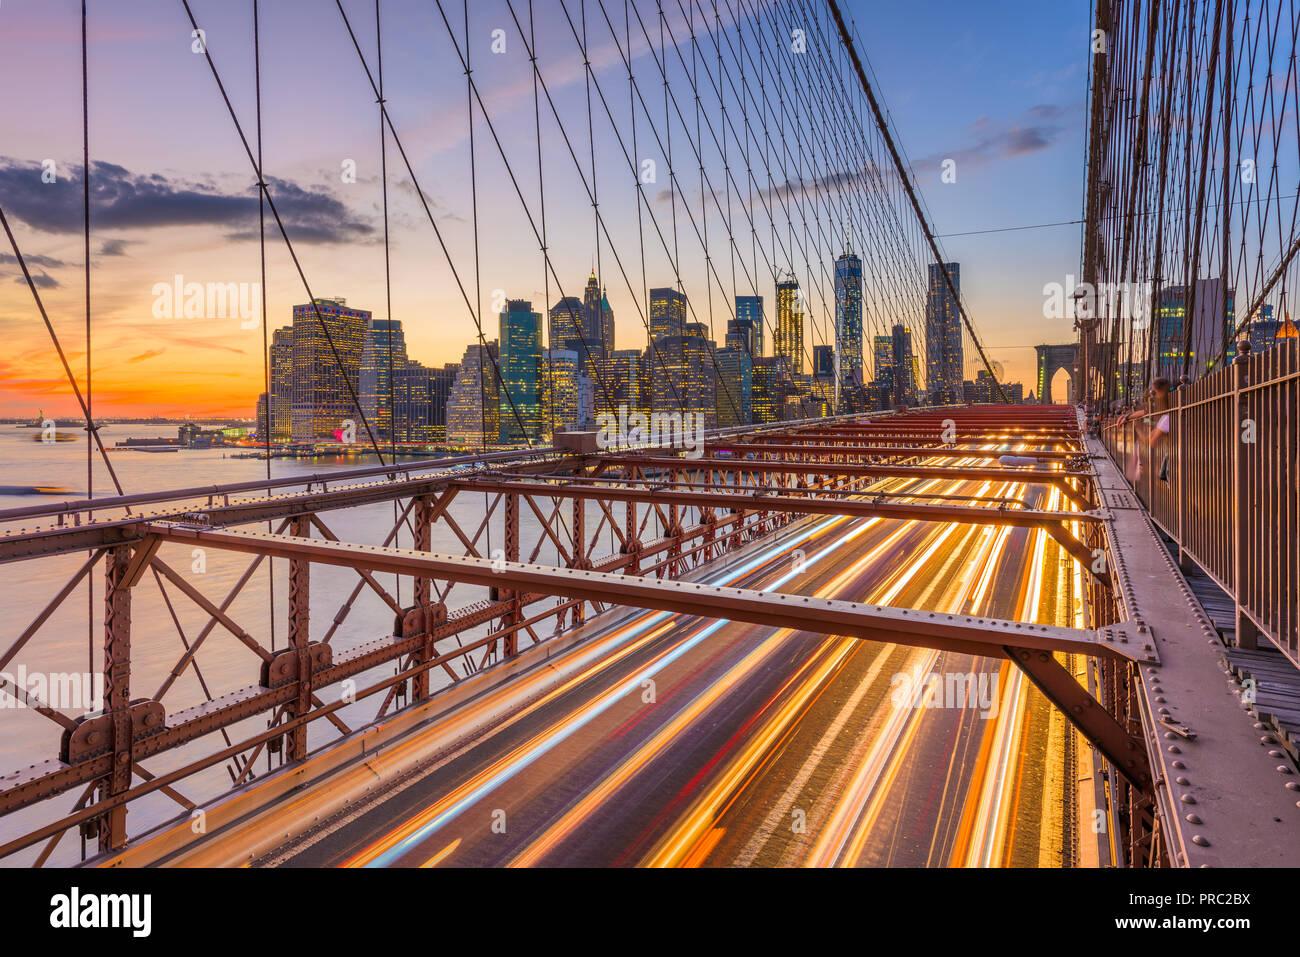 Nueva York, Nueva York, Estados Unidos Lower Manhattan skyline después del atardecer desde el puente de Brooklyn. Imagen De Stock